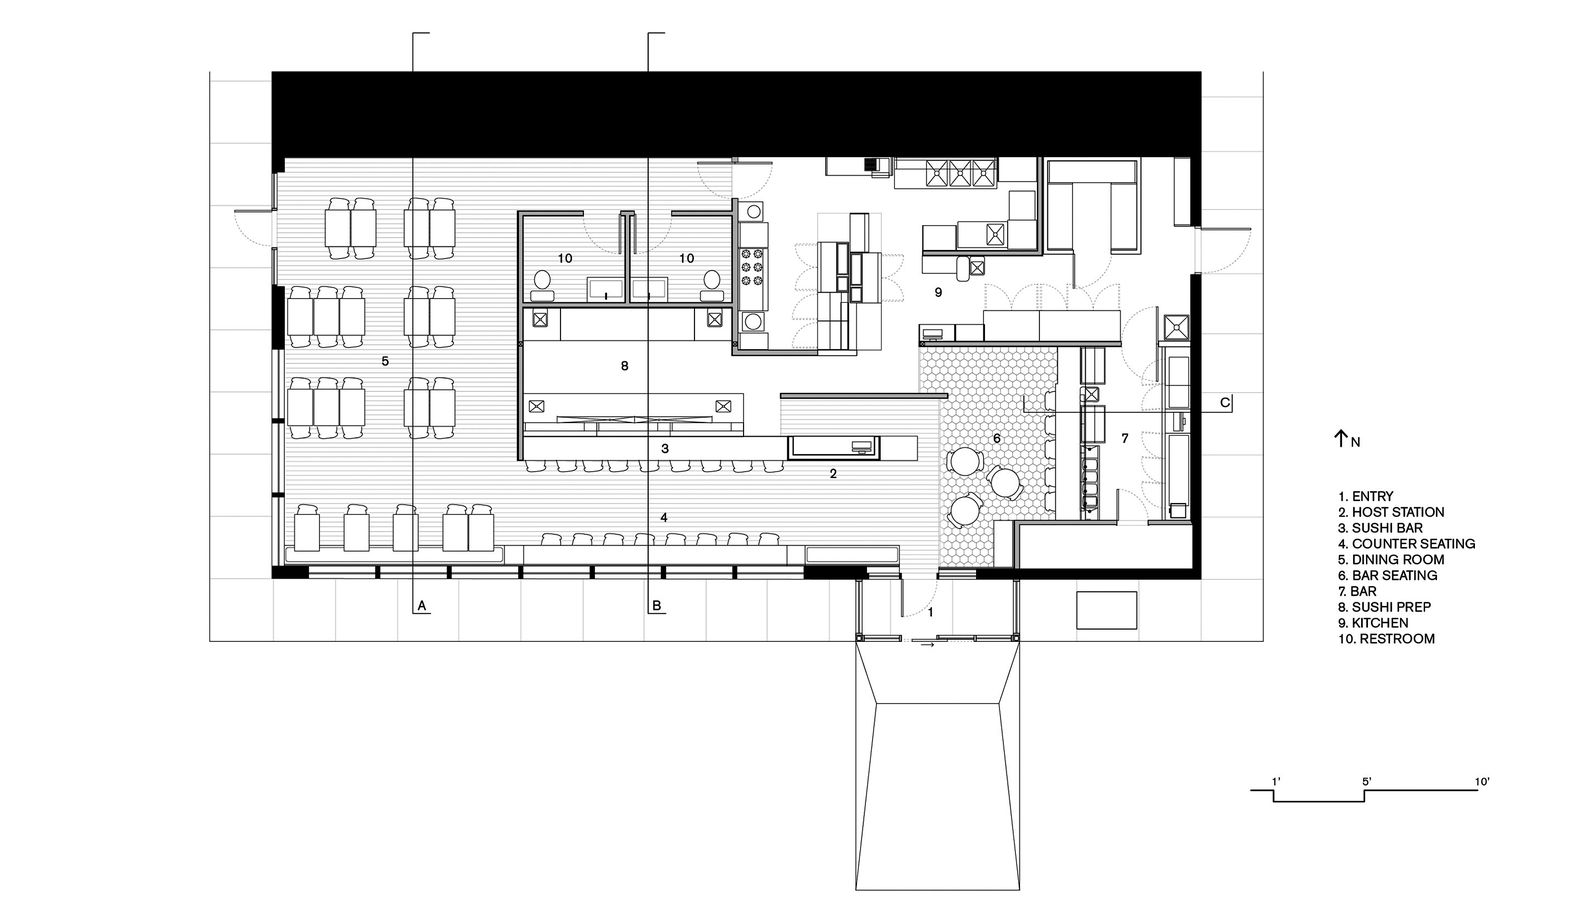 gallery aka sushi synecdoche design studio daub lab 14 restaurant plan [ 1582 x 923 Pixel ]